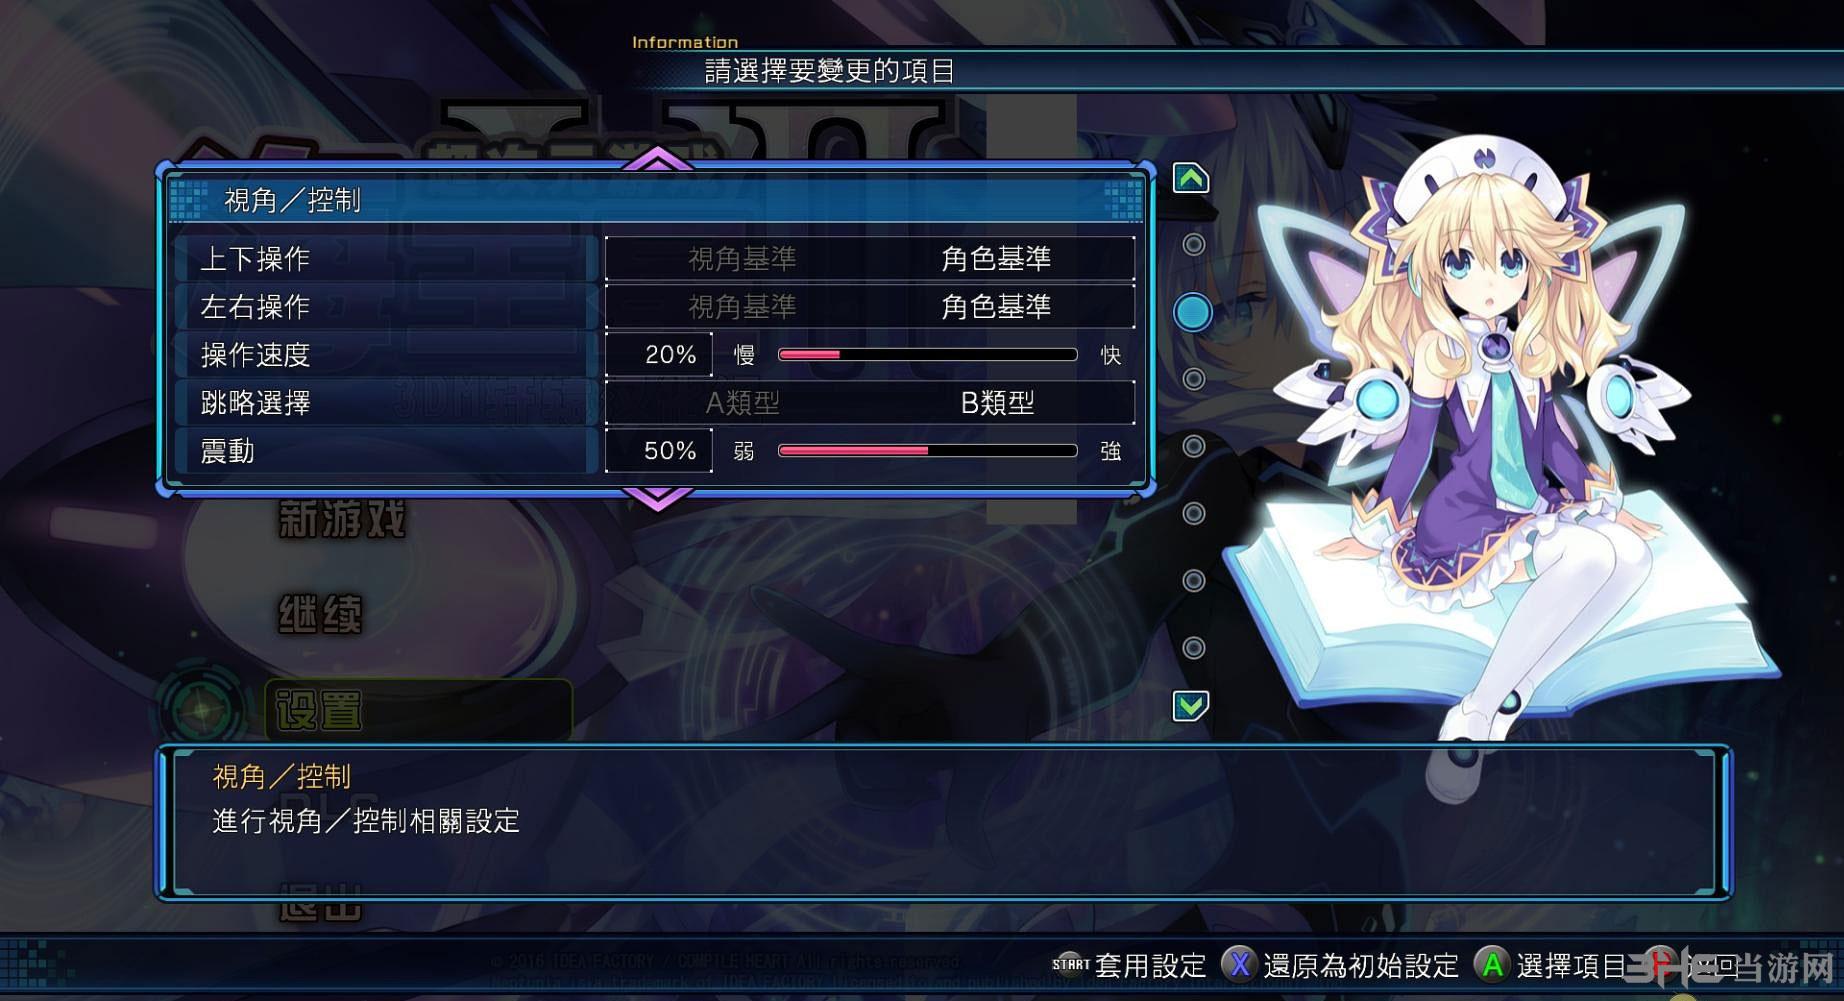 新次元游戏:海王星VII截图1